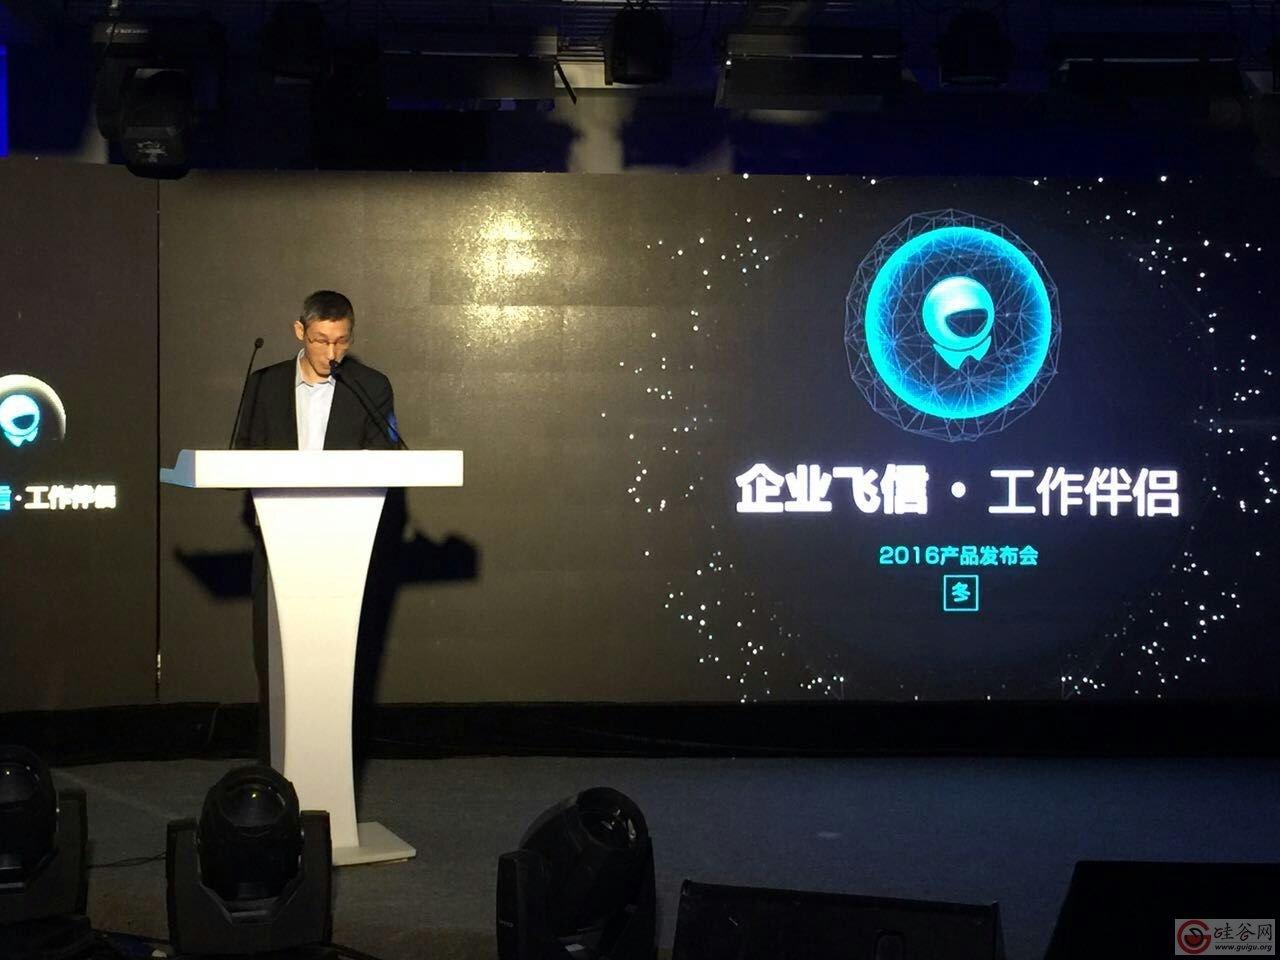 中国移动正式发布企业飞信 这些功能很接地气